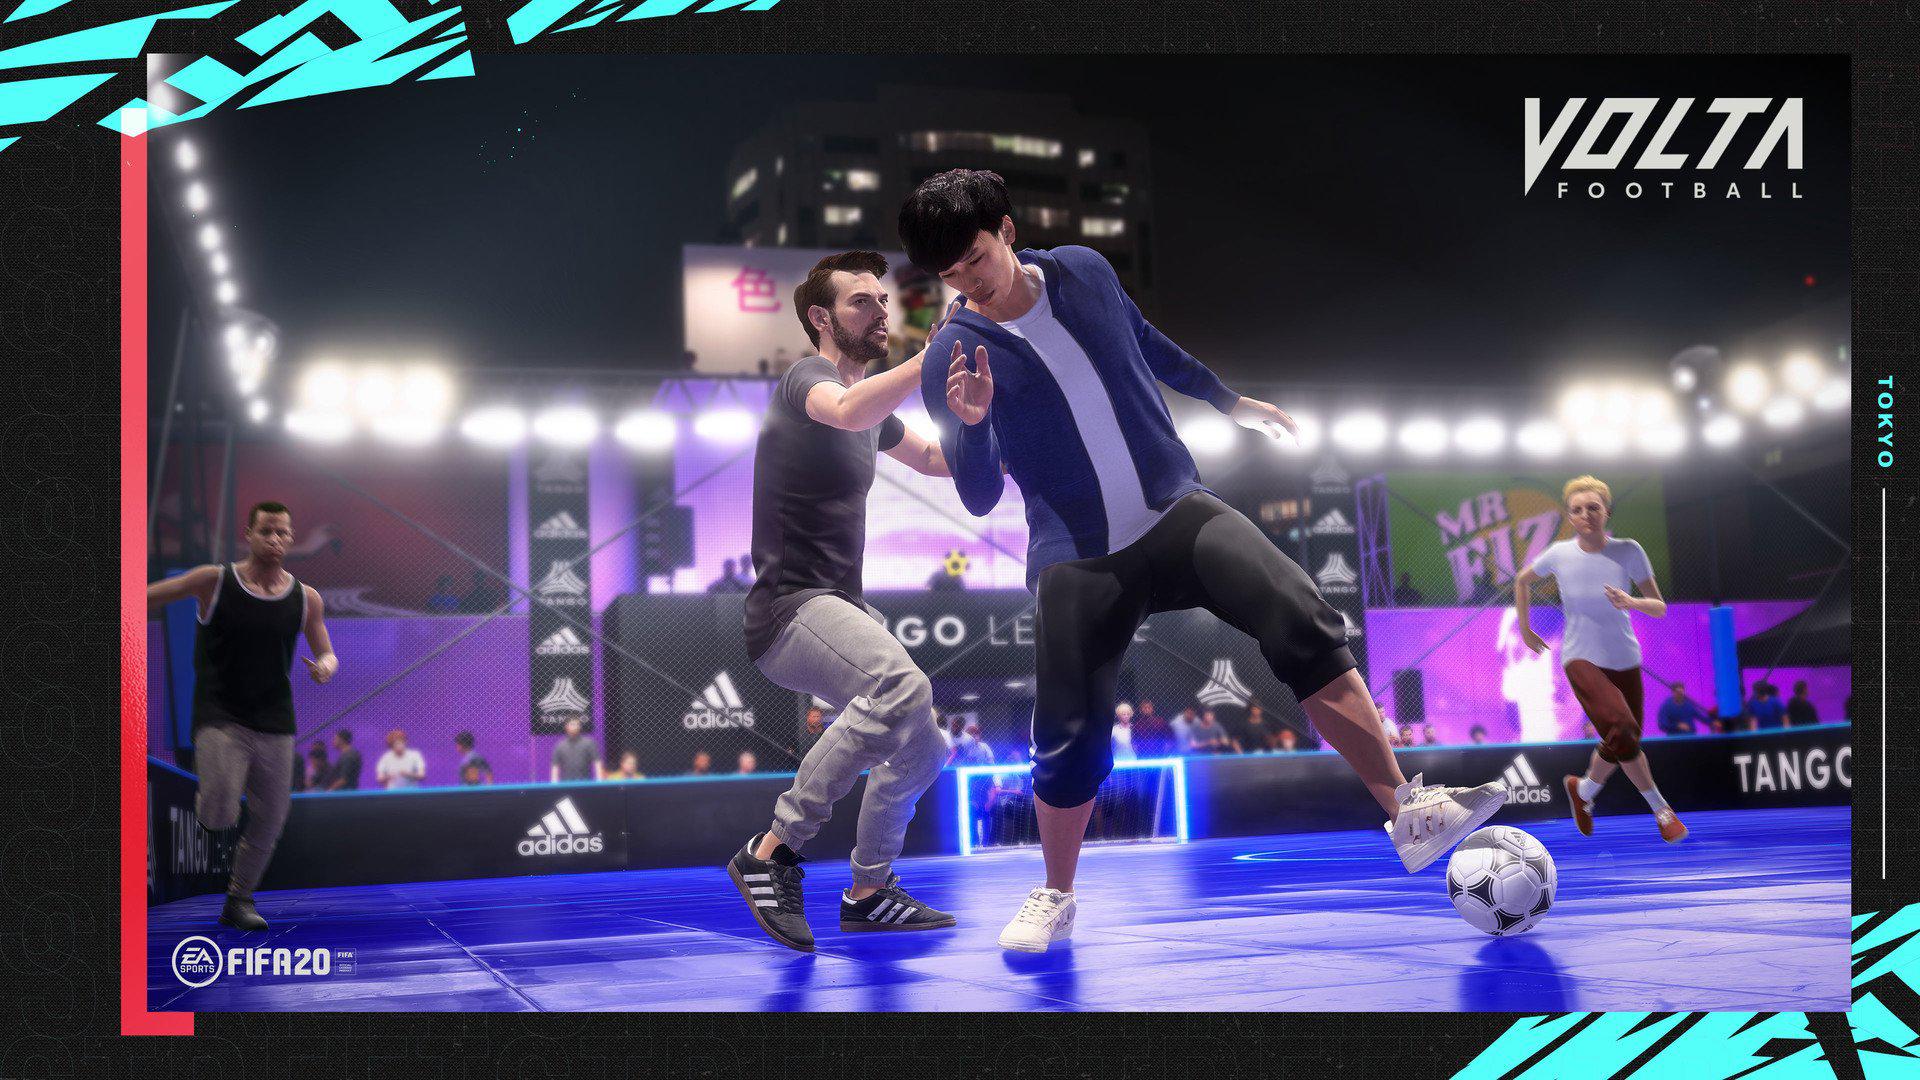 Volta FIFA 20 EA Sports